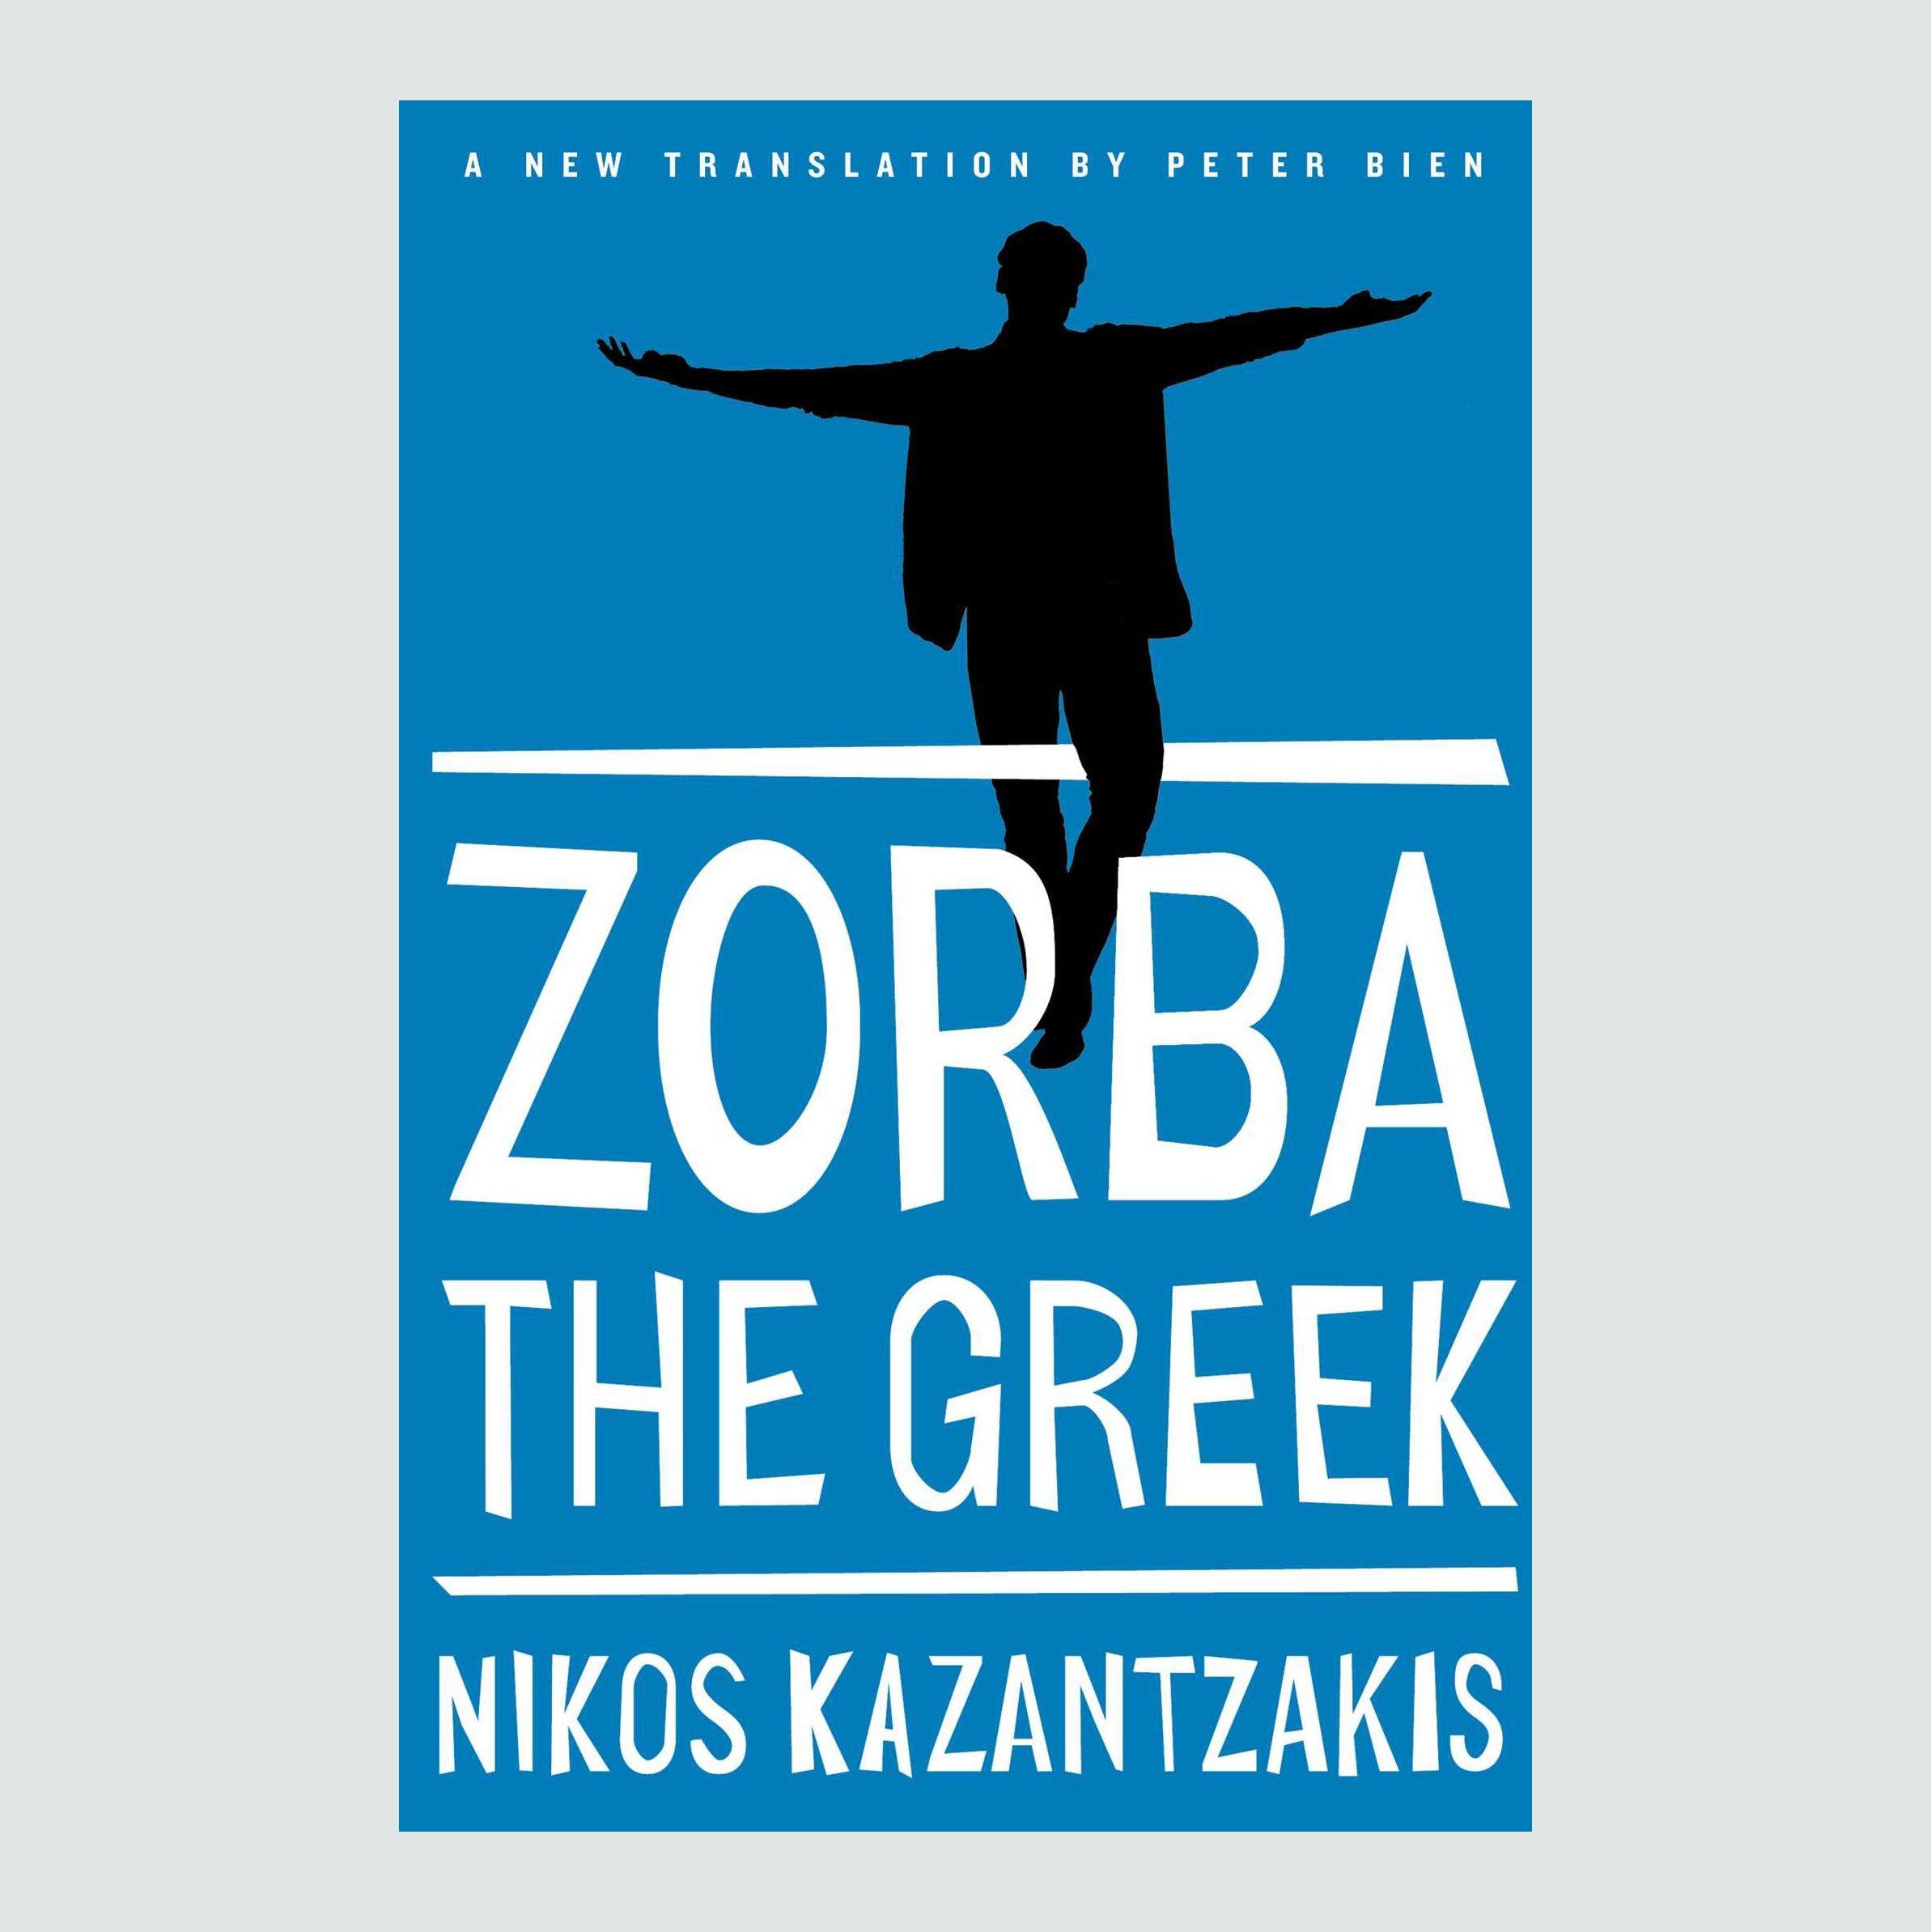 Zorba the Greek by Nikos Kazantzakis book